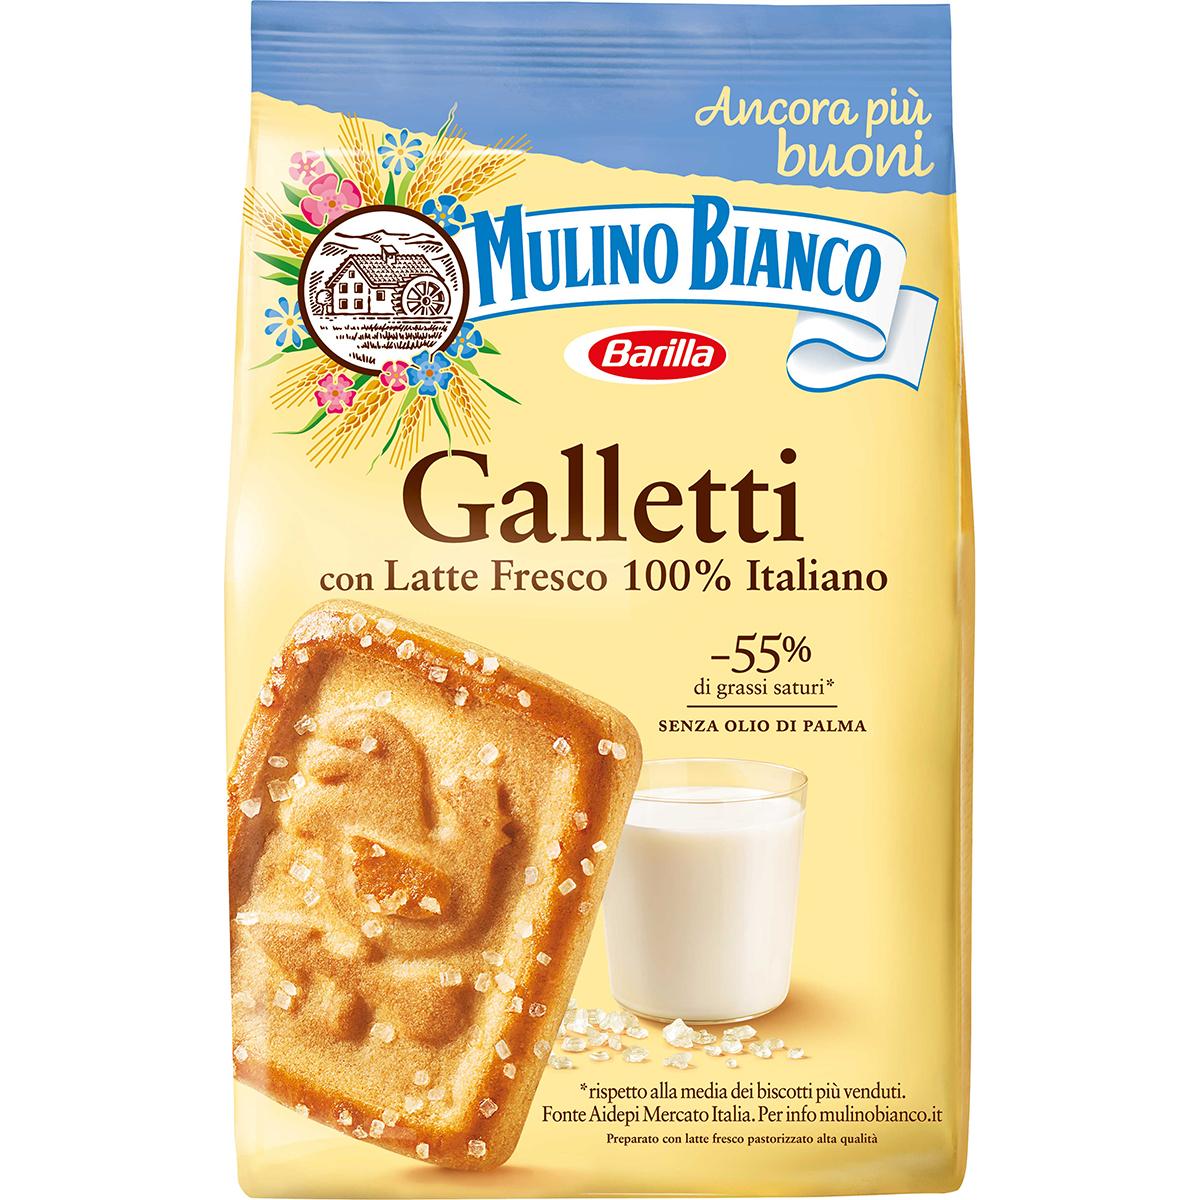 Biscuiti Galletti cu lapte Mulino Bianco, 350 g imagine